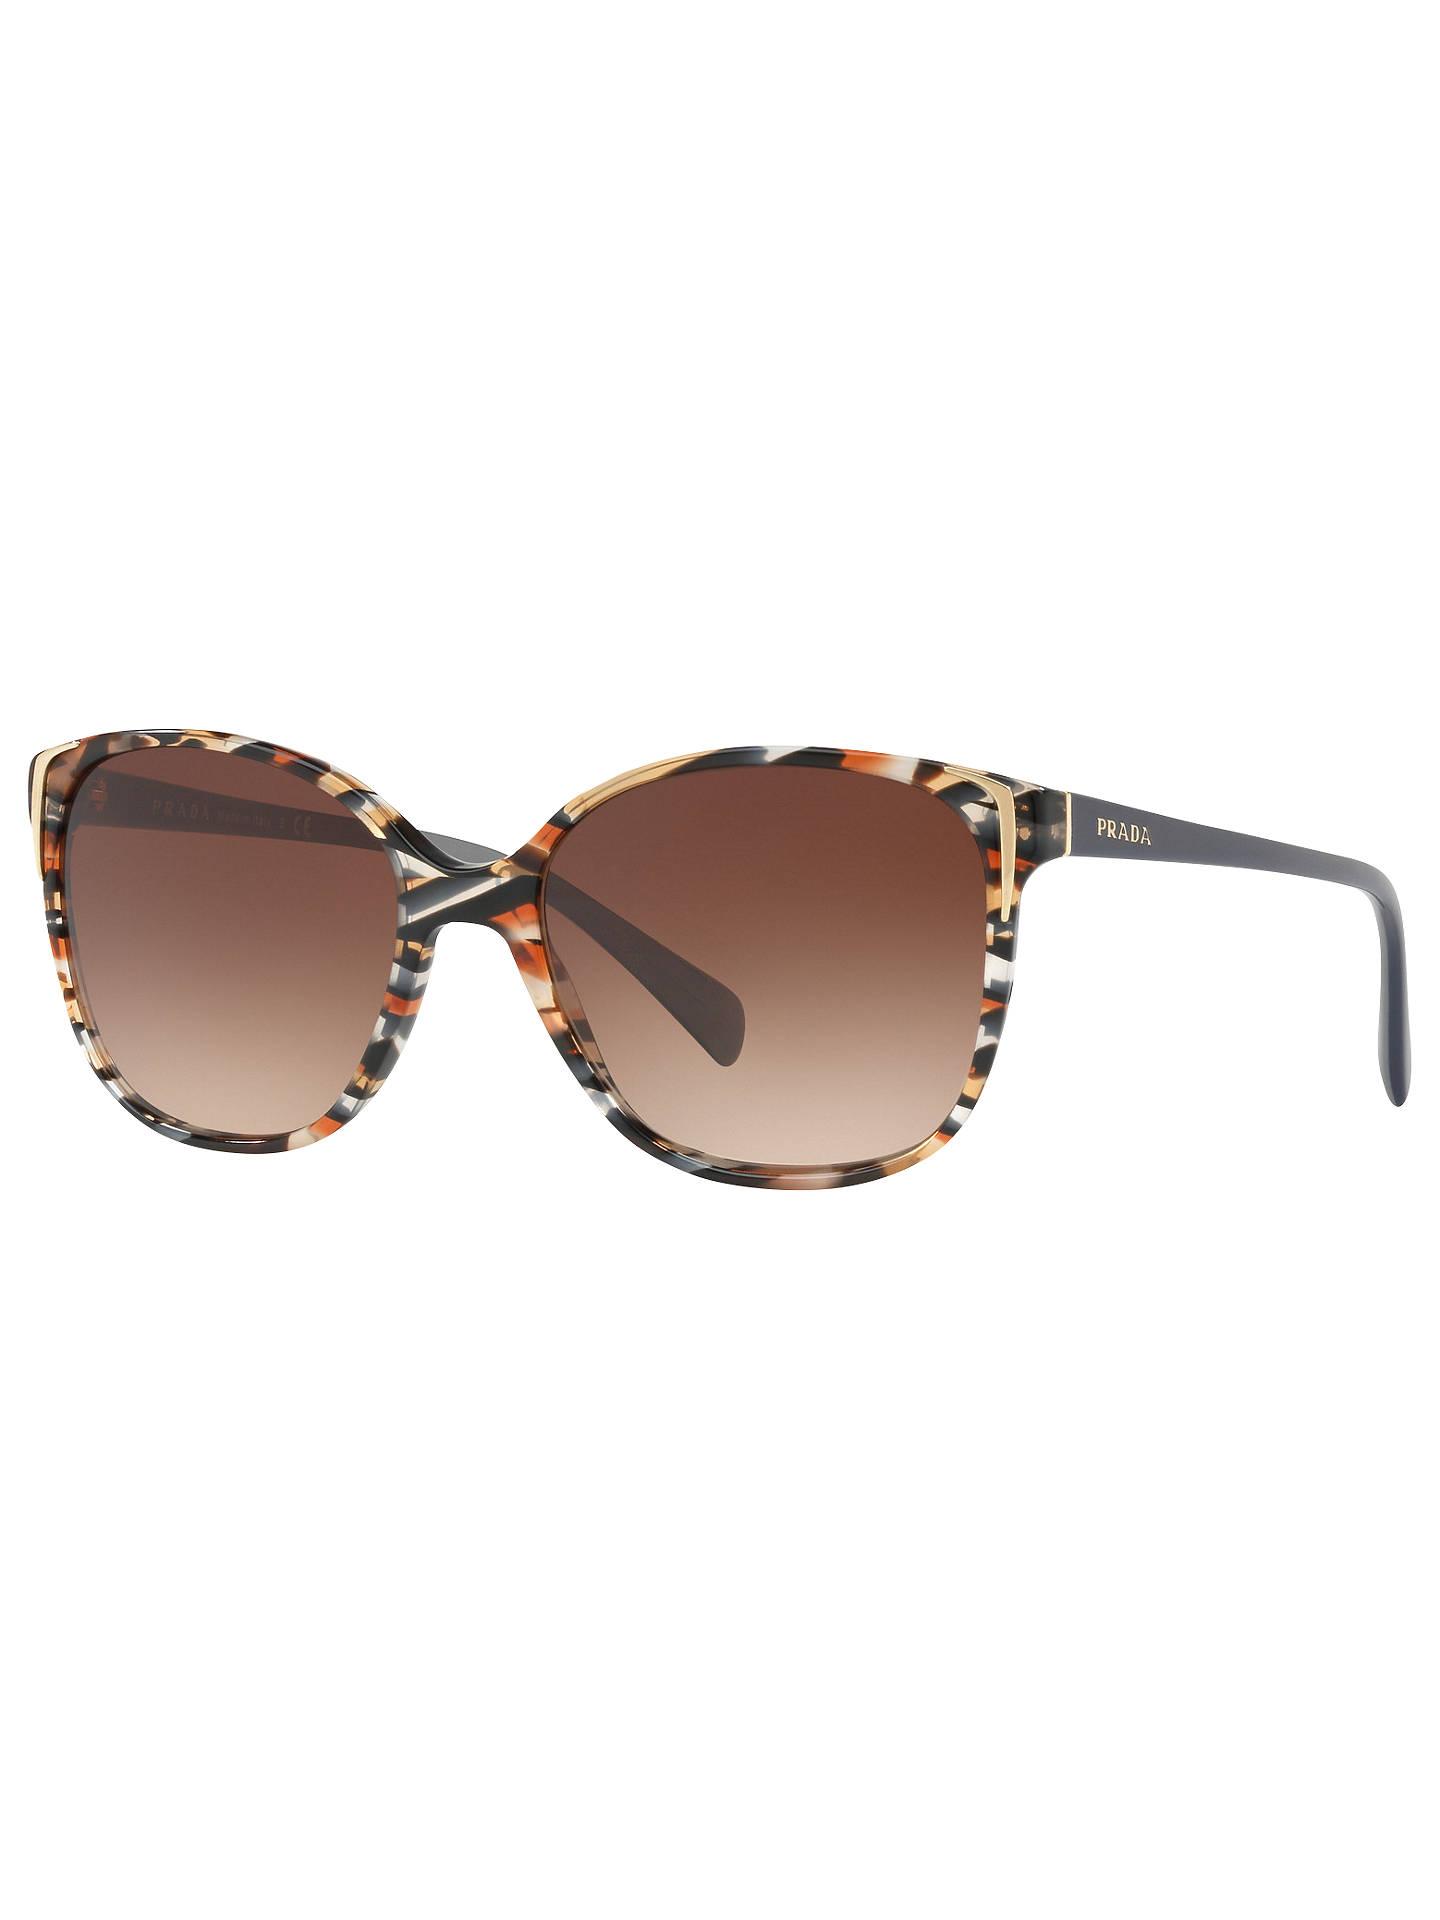 ba4fba6cb1 BuyPrada PR 01OS Square Sunglasses